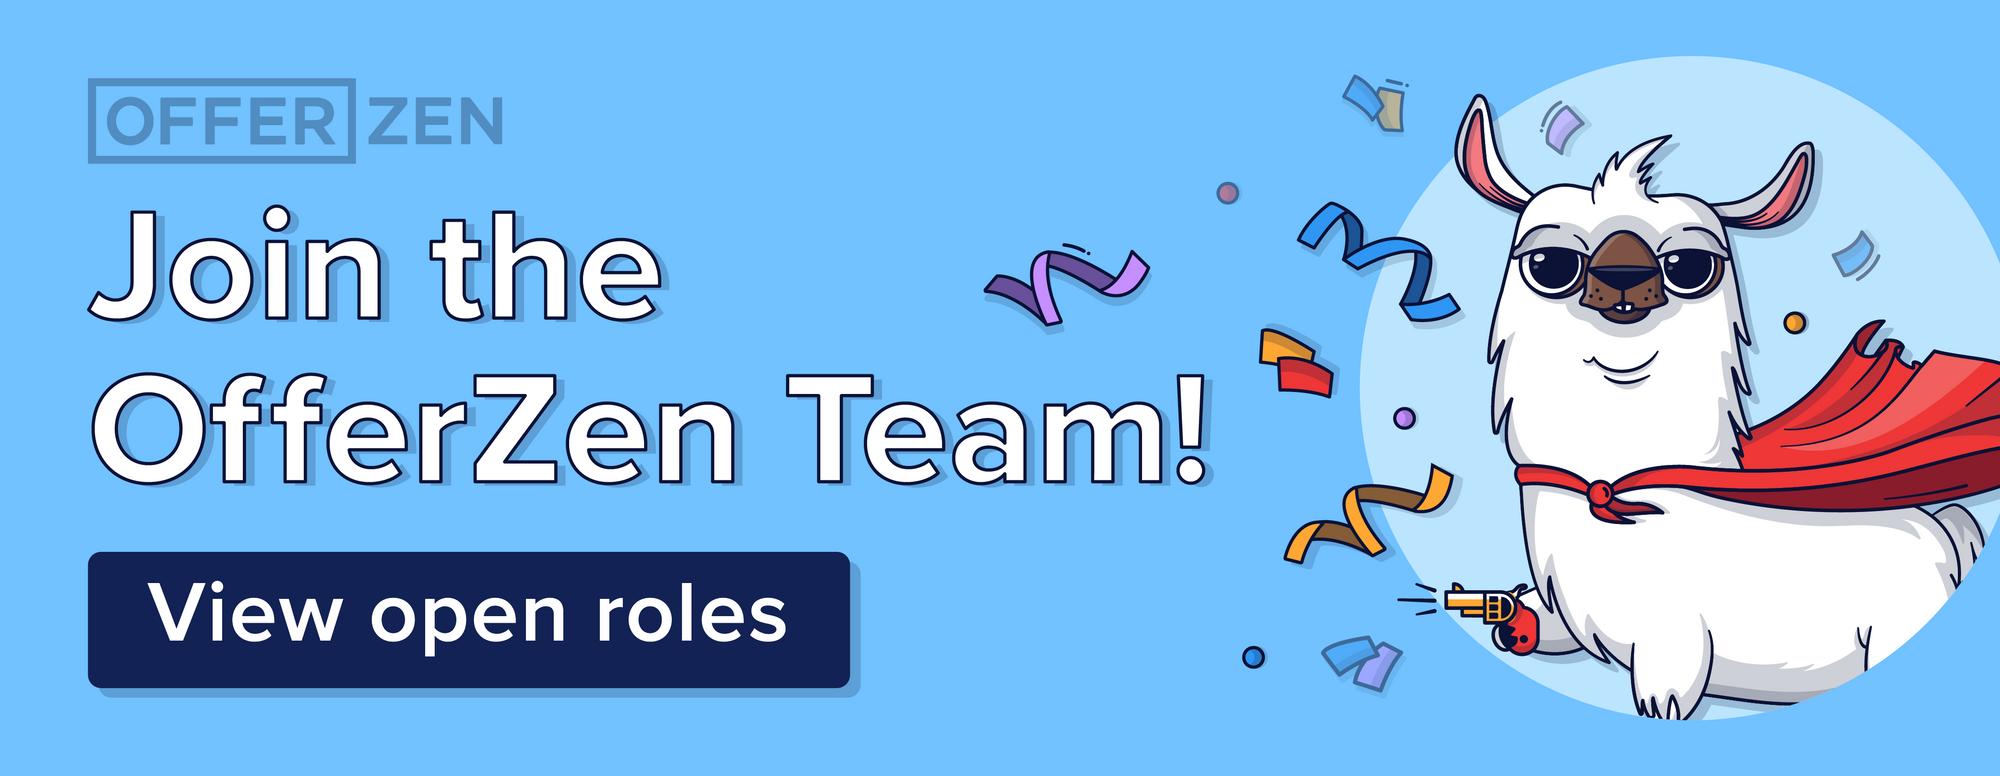 OfferZen is hiring!